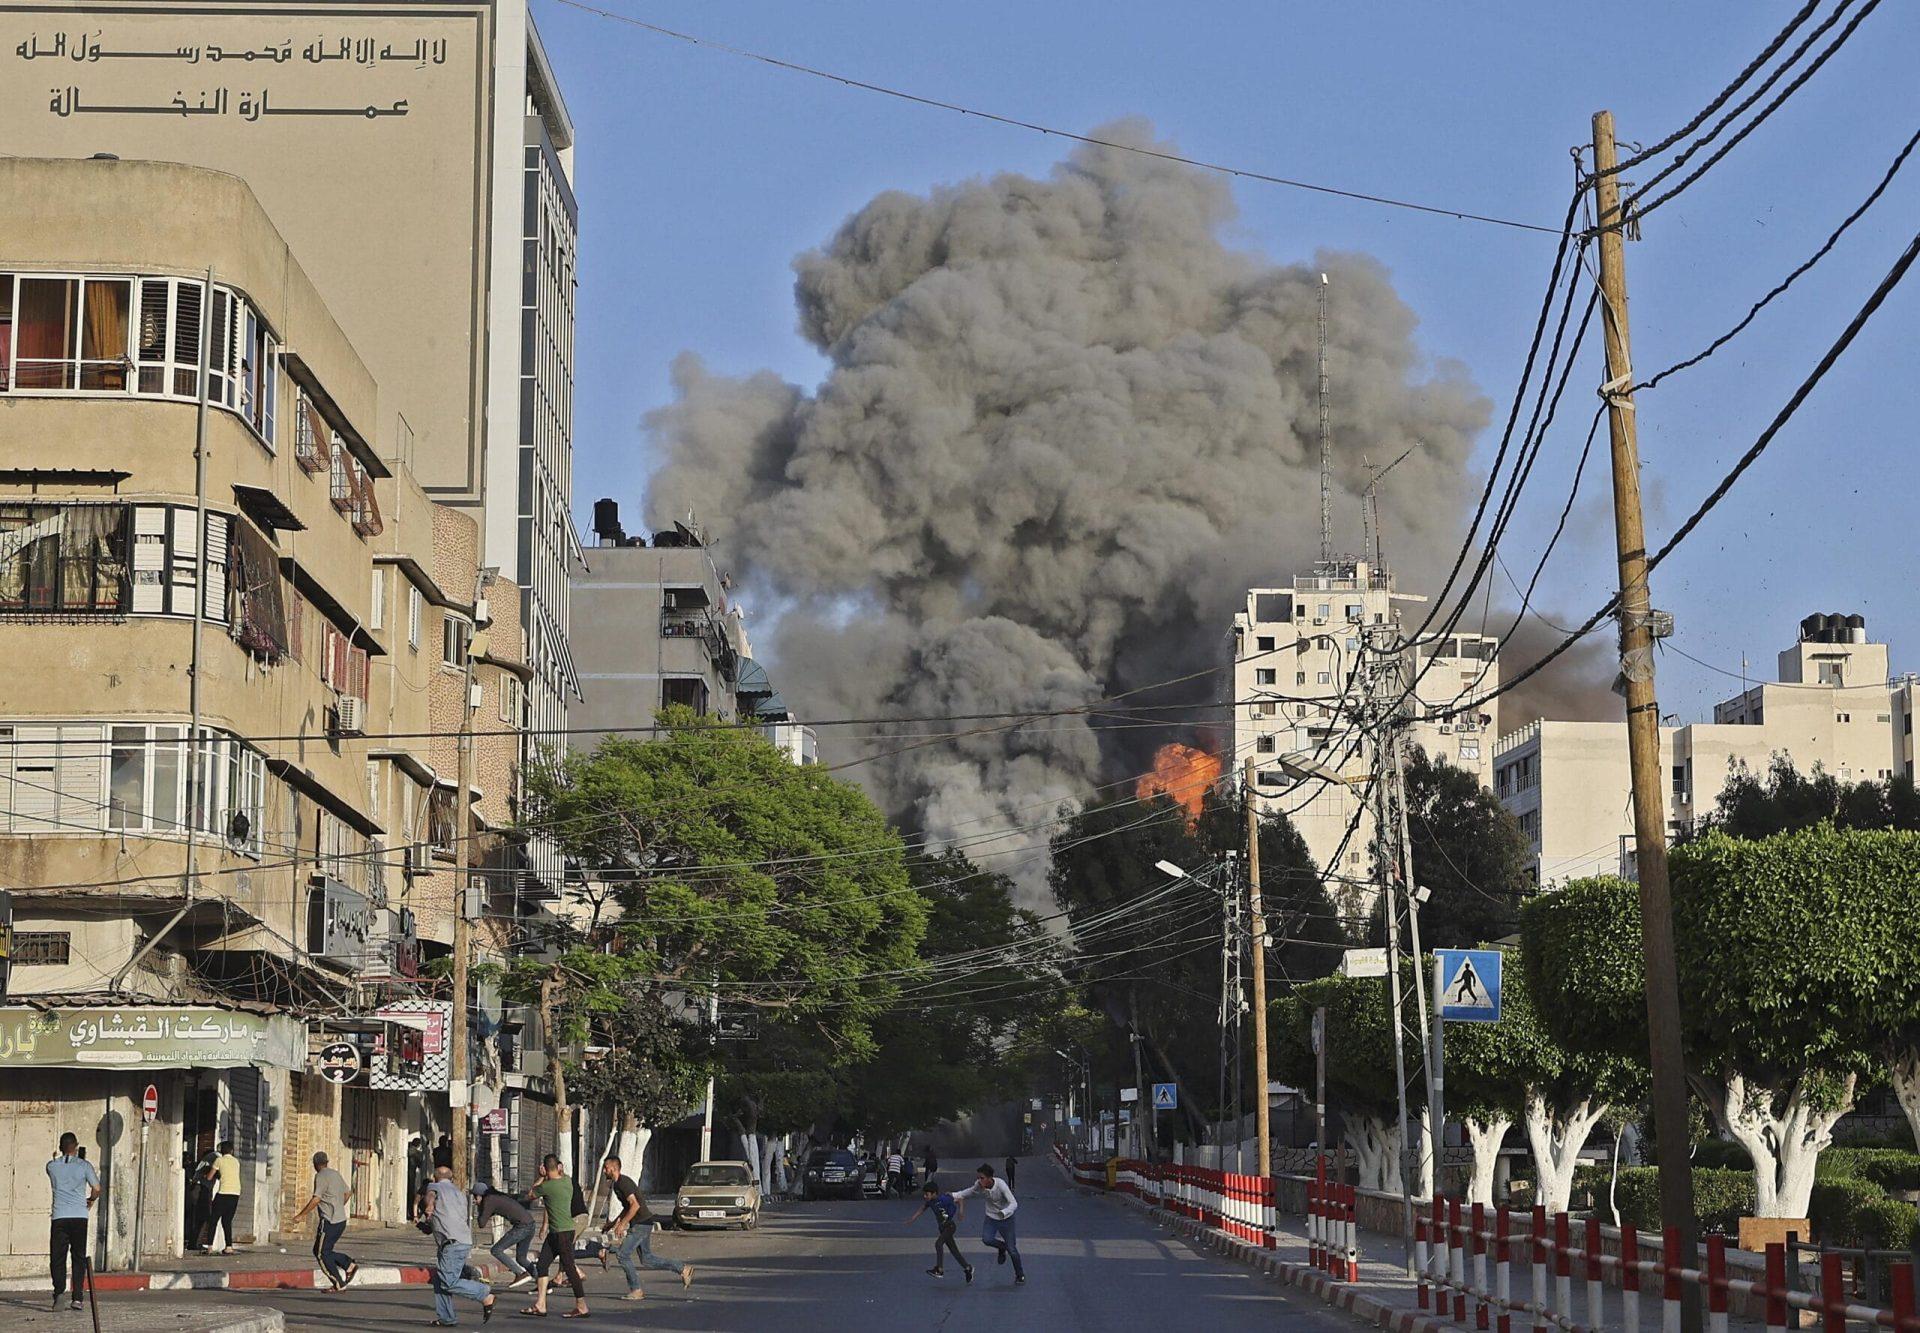 معاريف: الأوضاع في تل أبيب تسير نحو التصعيد وجولة جديدة مع حماس في قطاع غزة